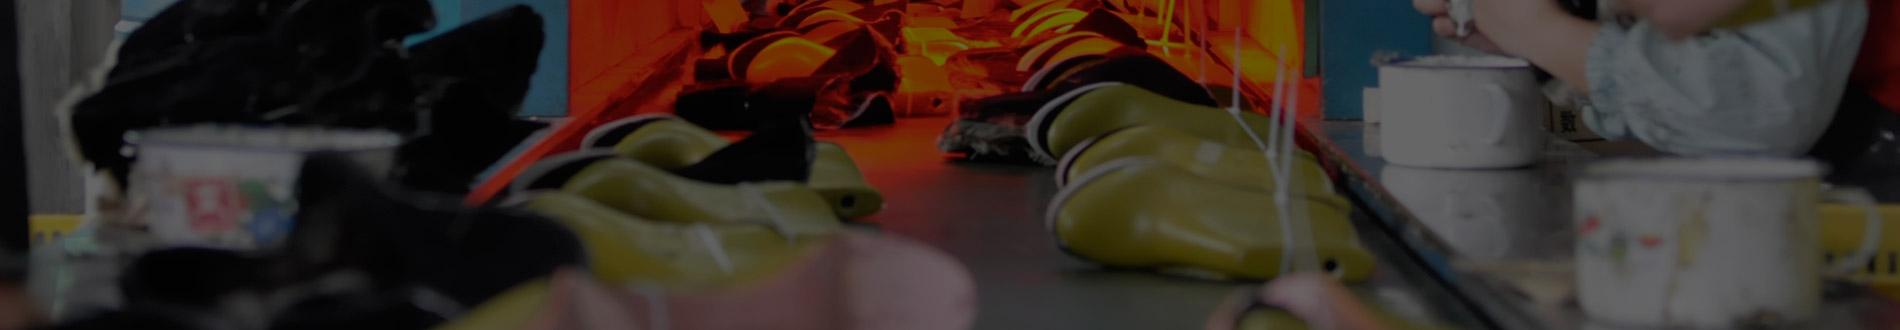 Footwear Testing & Quality Control   QIMA